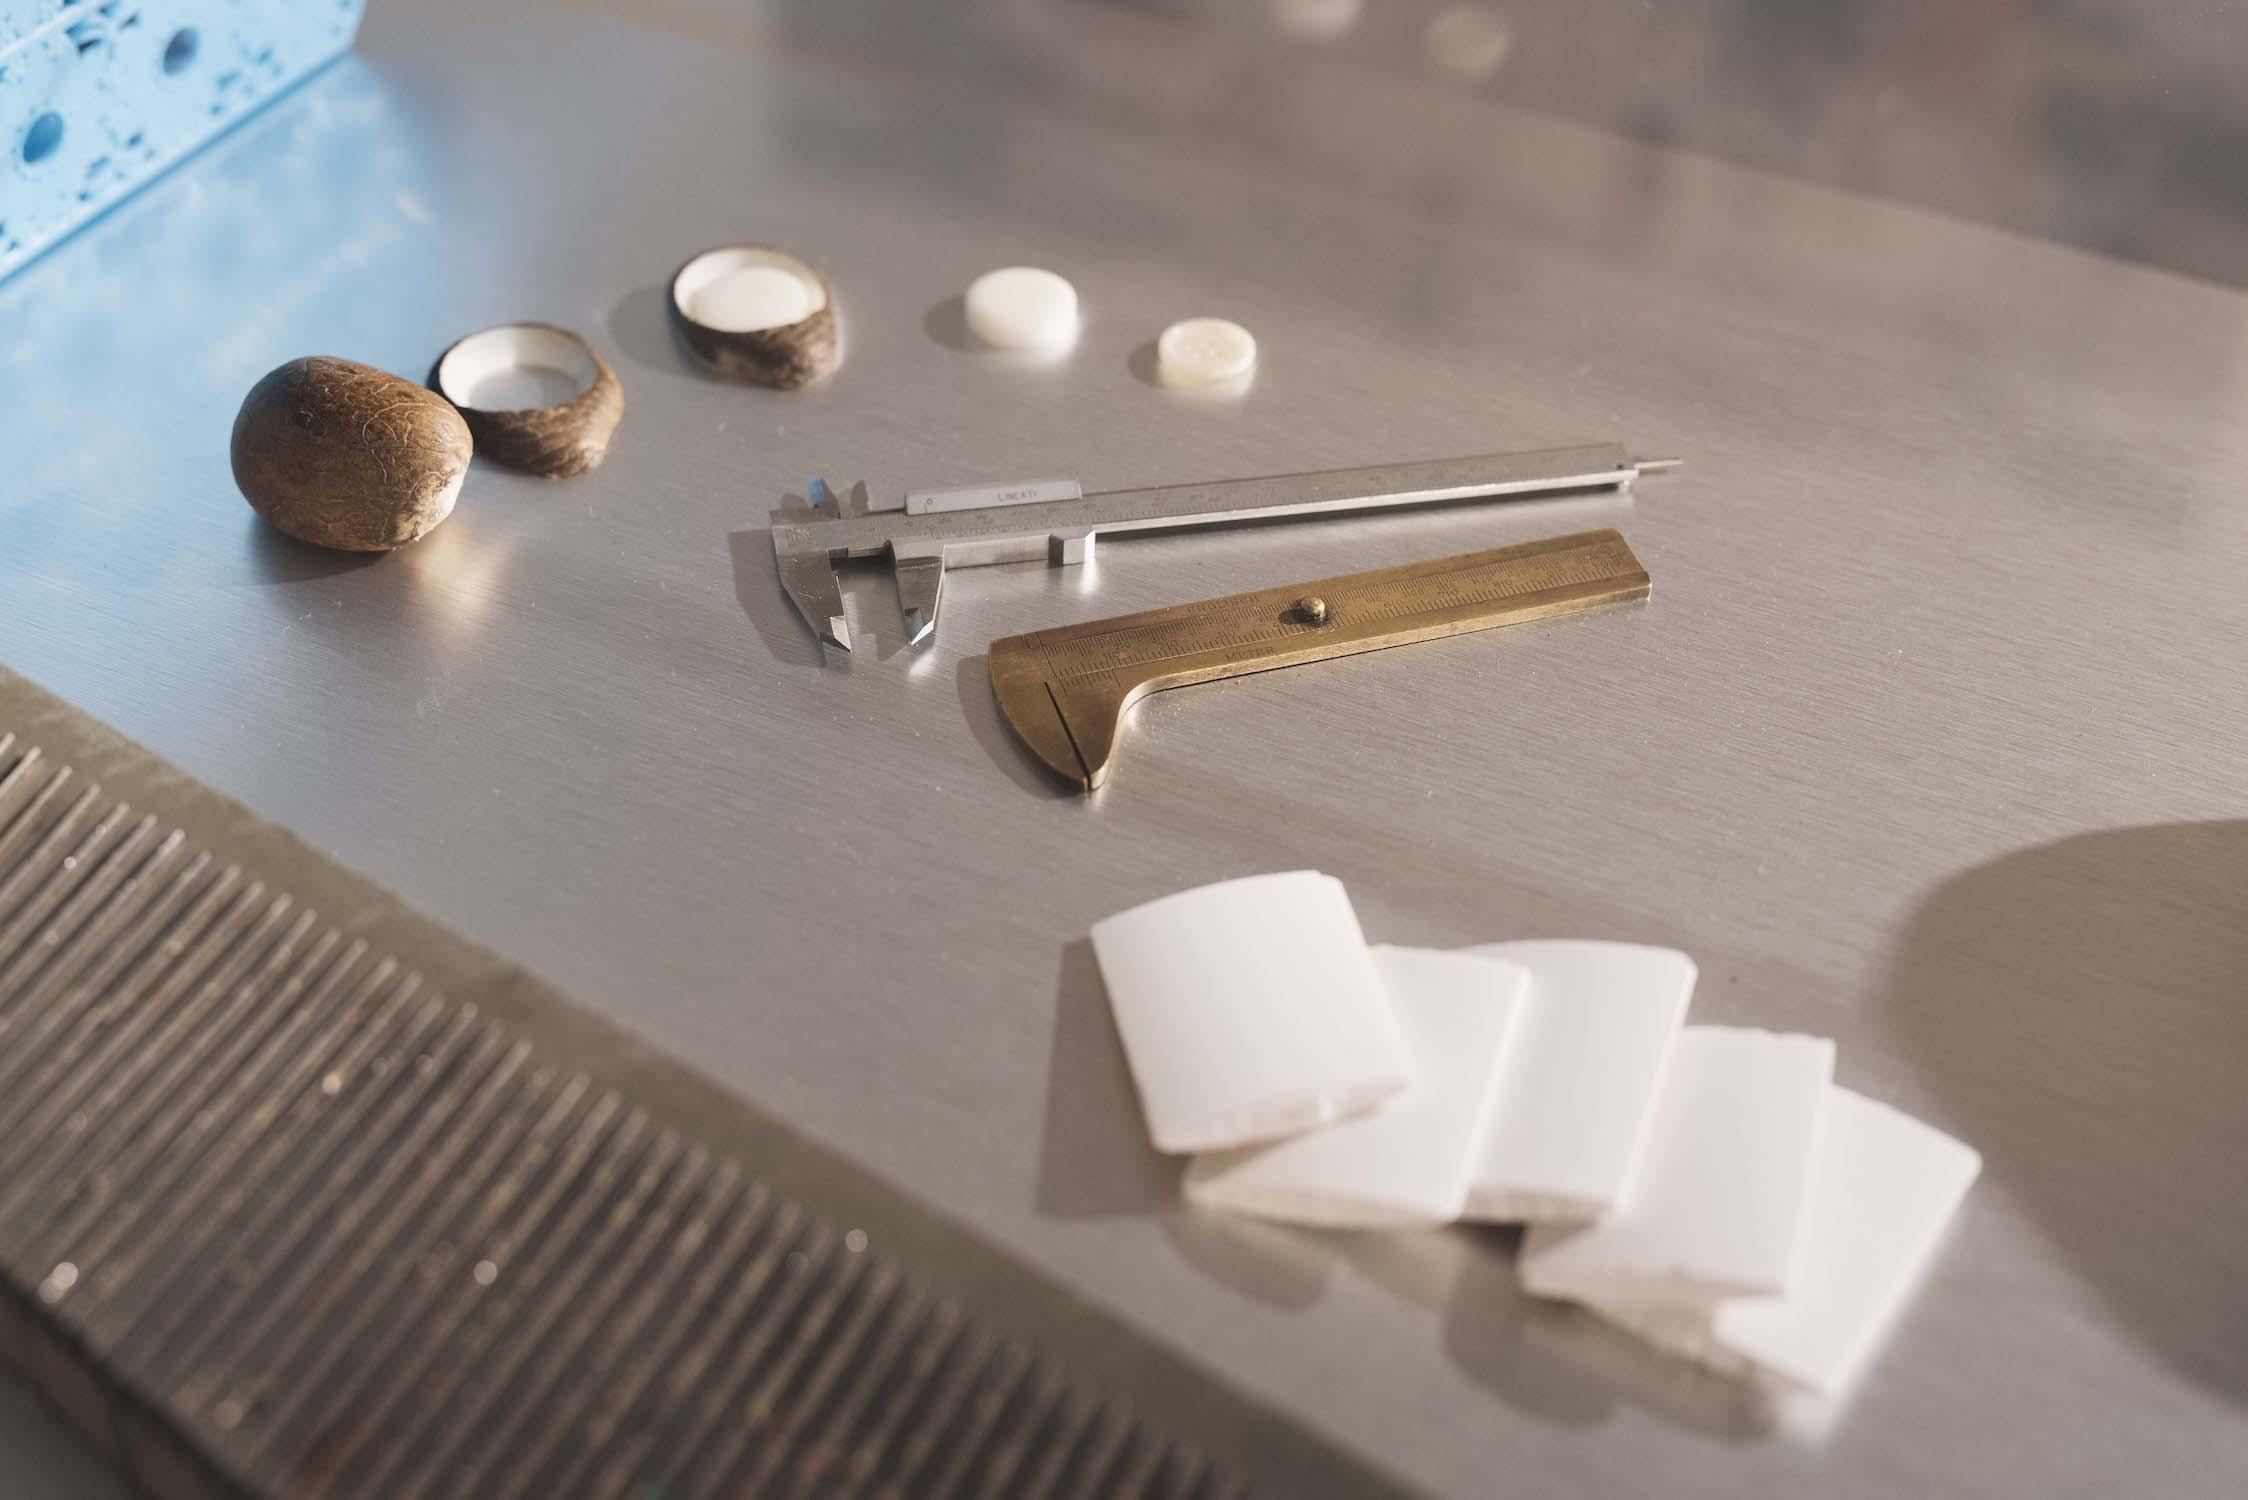 Maker's tools